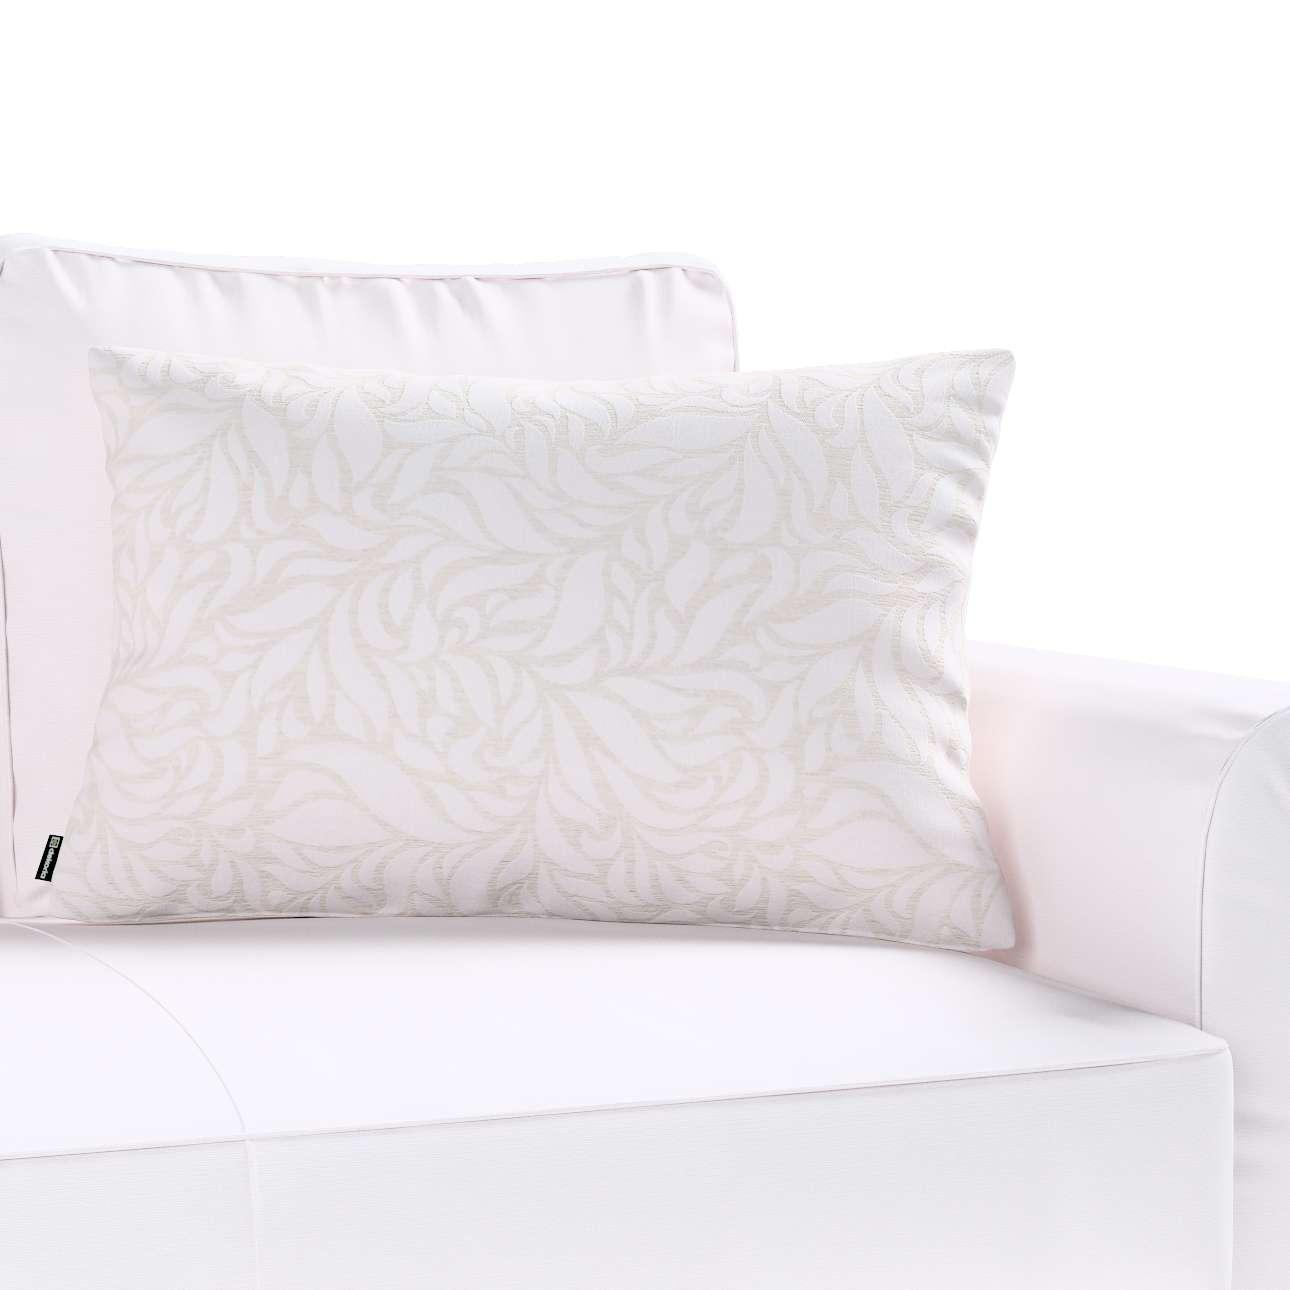 Poszewka Kinga na poduszkę prostokątną w kolekcji Venice, tkanina: 140-50